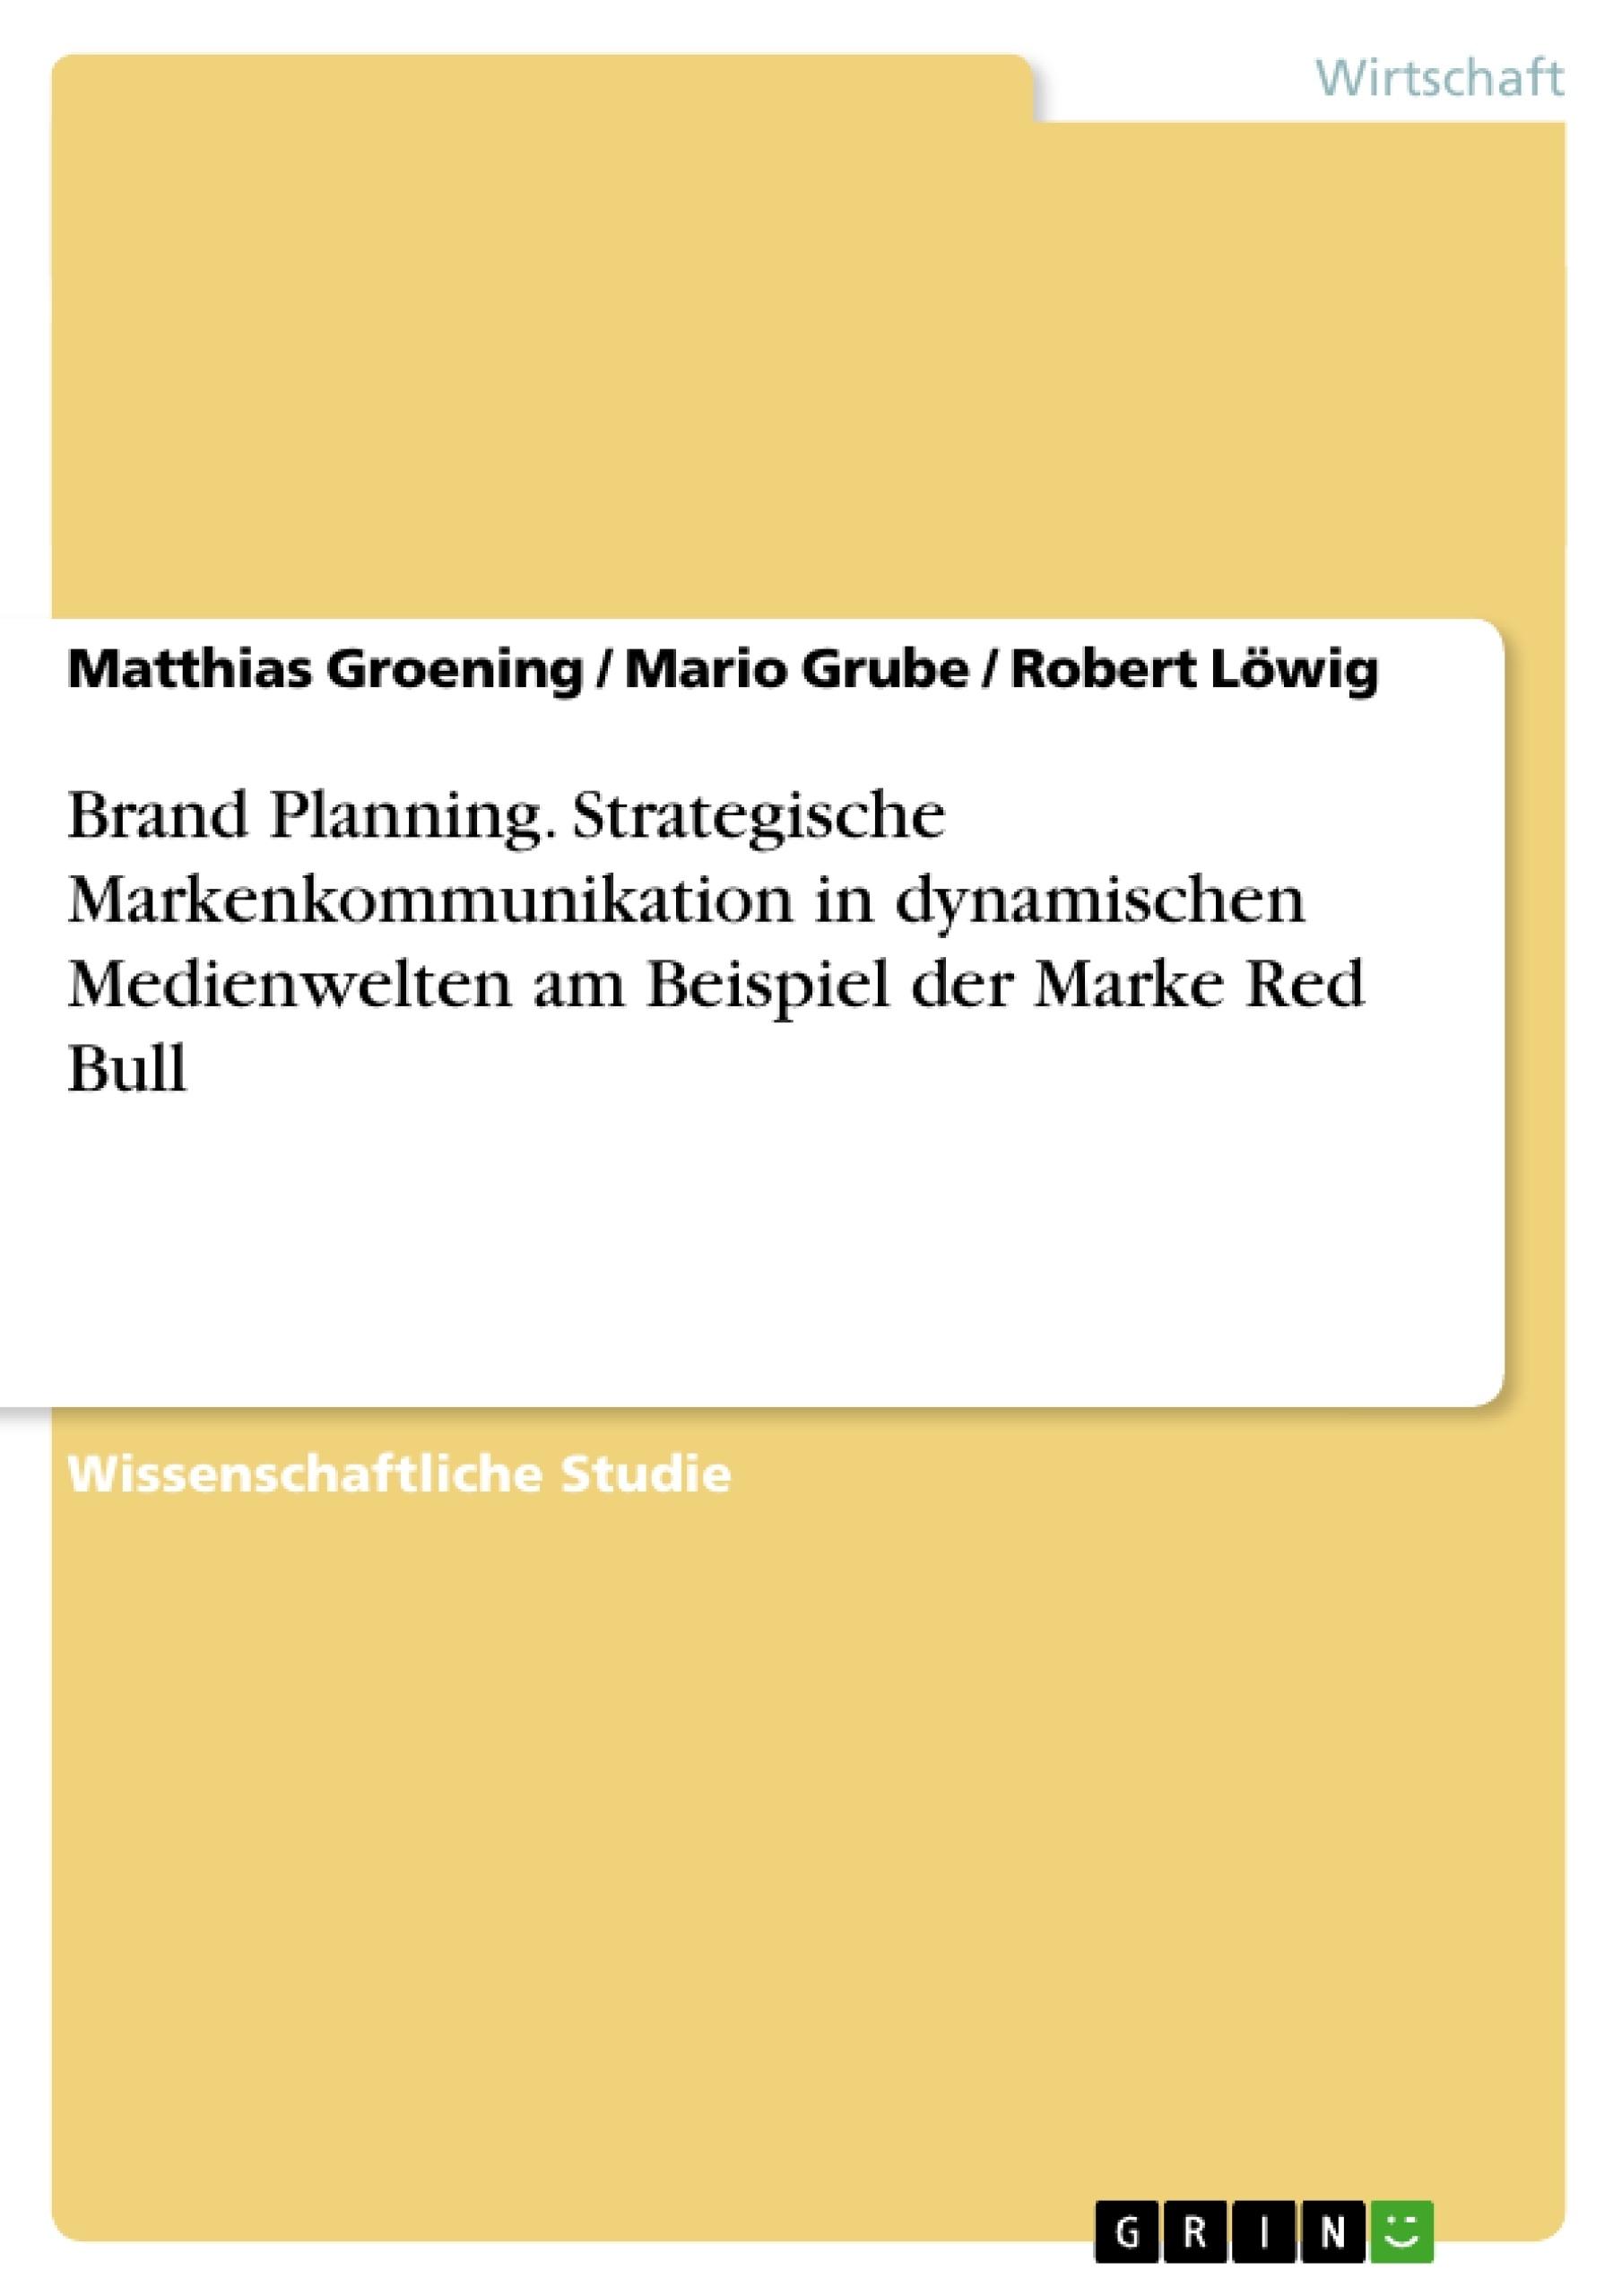 Titel: Brand Planning. Strategische Markenkommunikation in dynamischen Medienwelten am Beispiel der Marke Red Bull